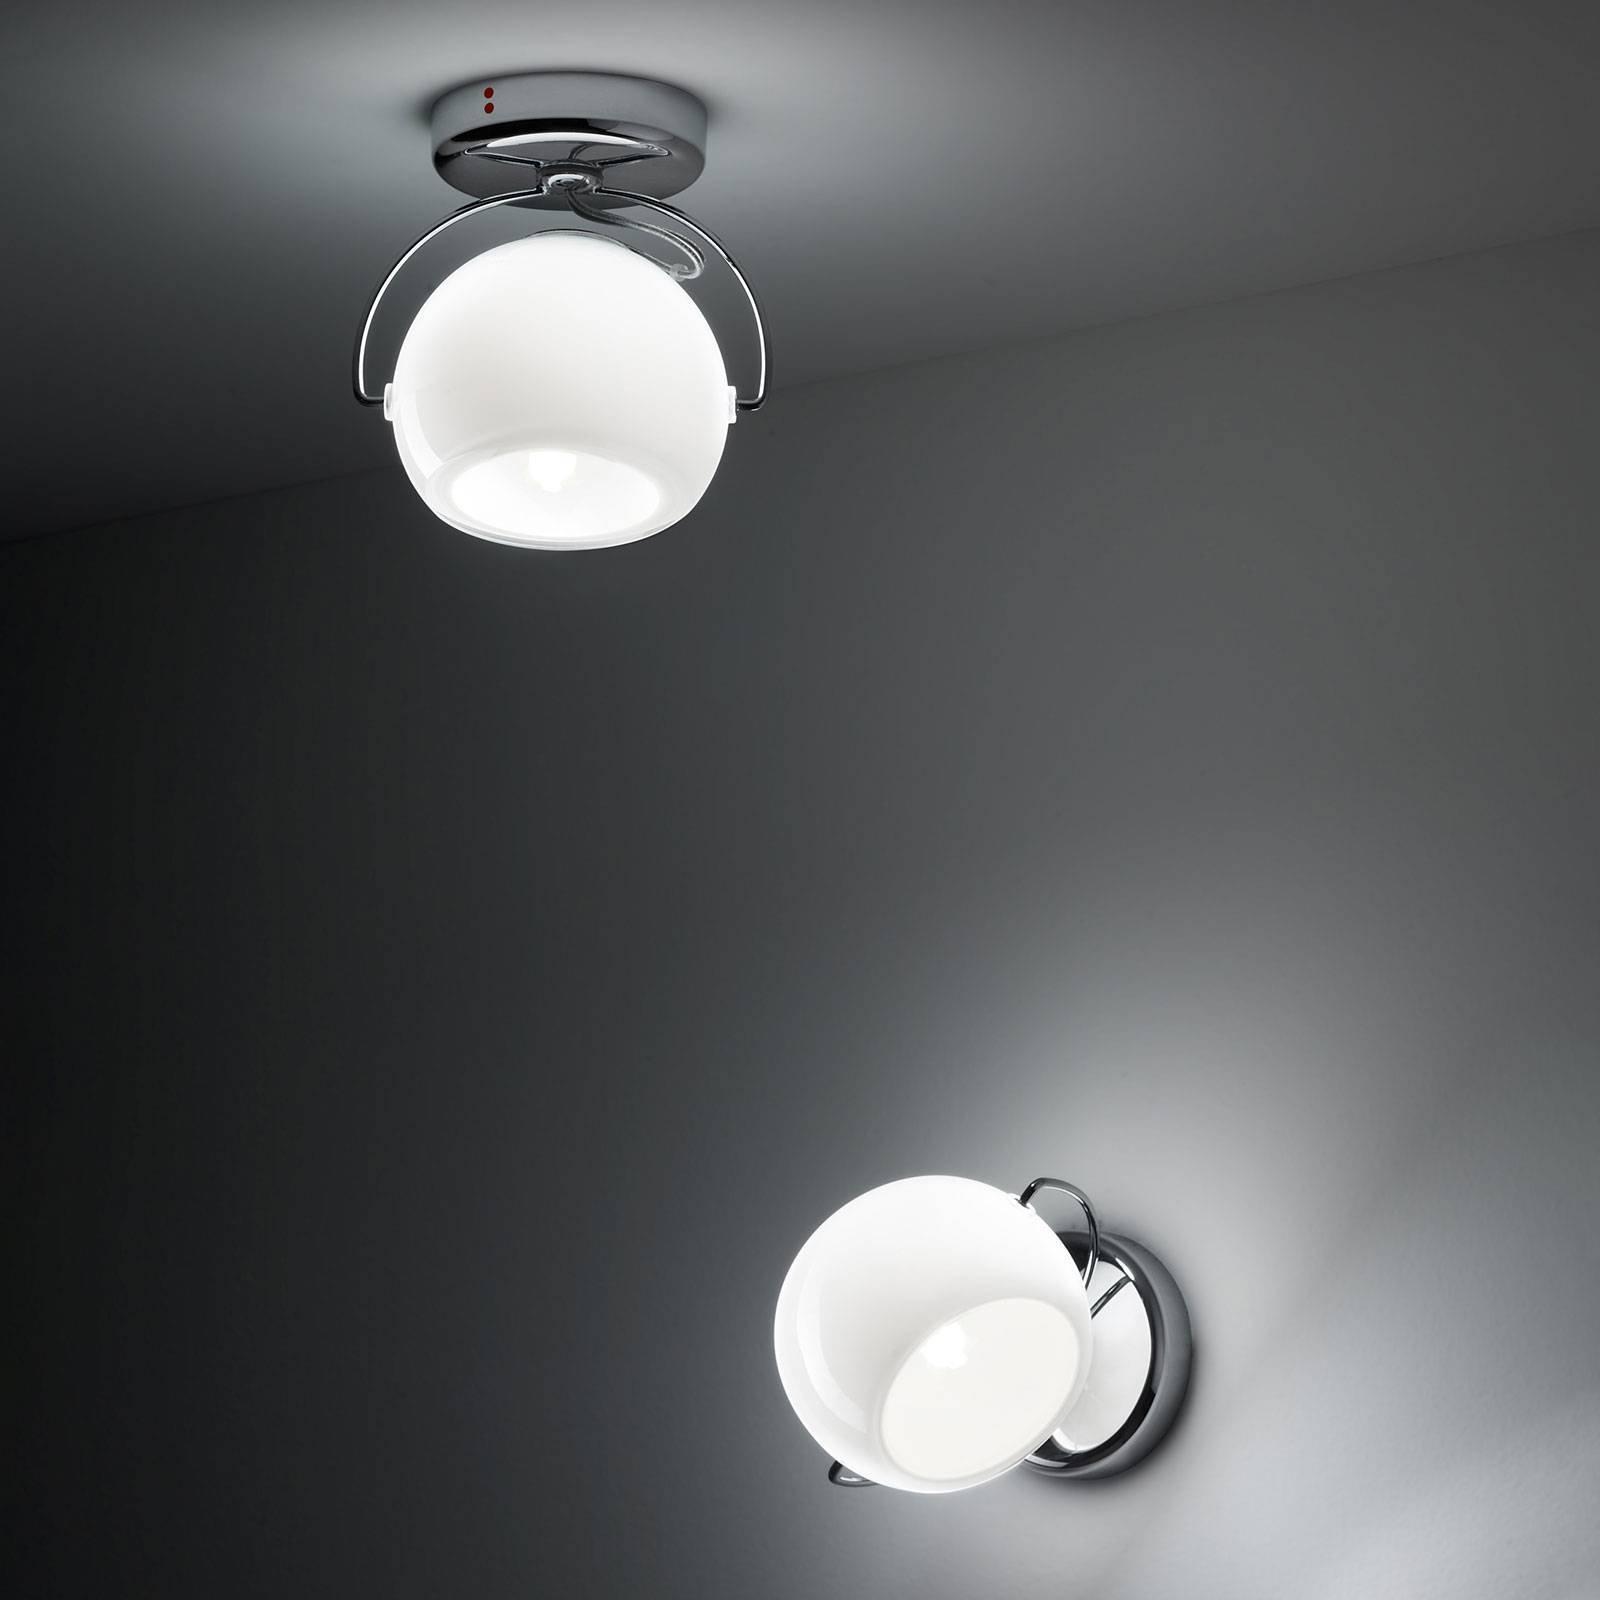 Fabbian Beluga White taklampe direkte 1 lyskilde